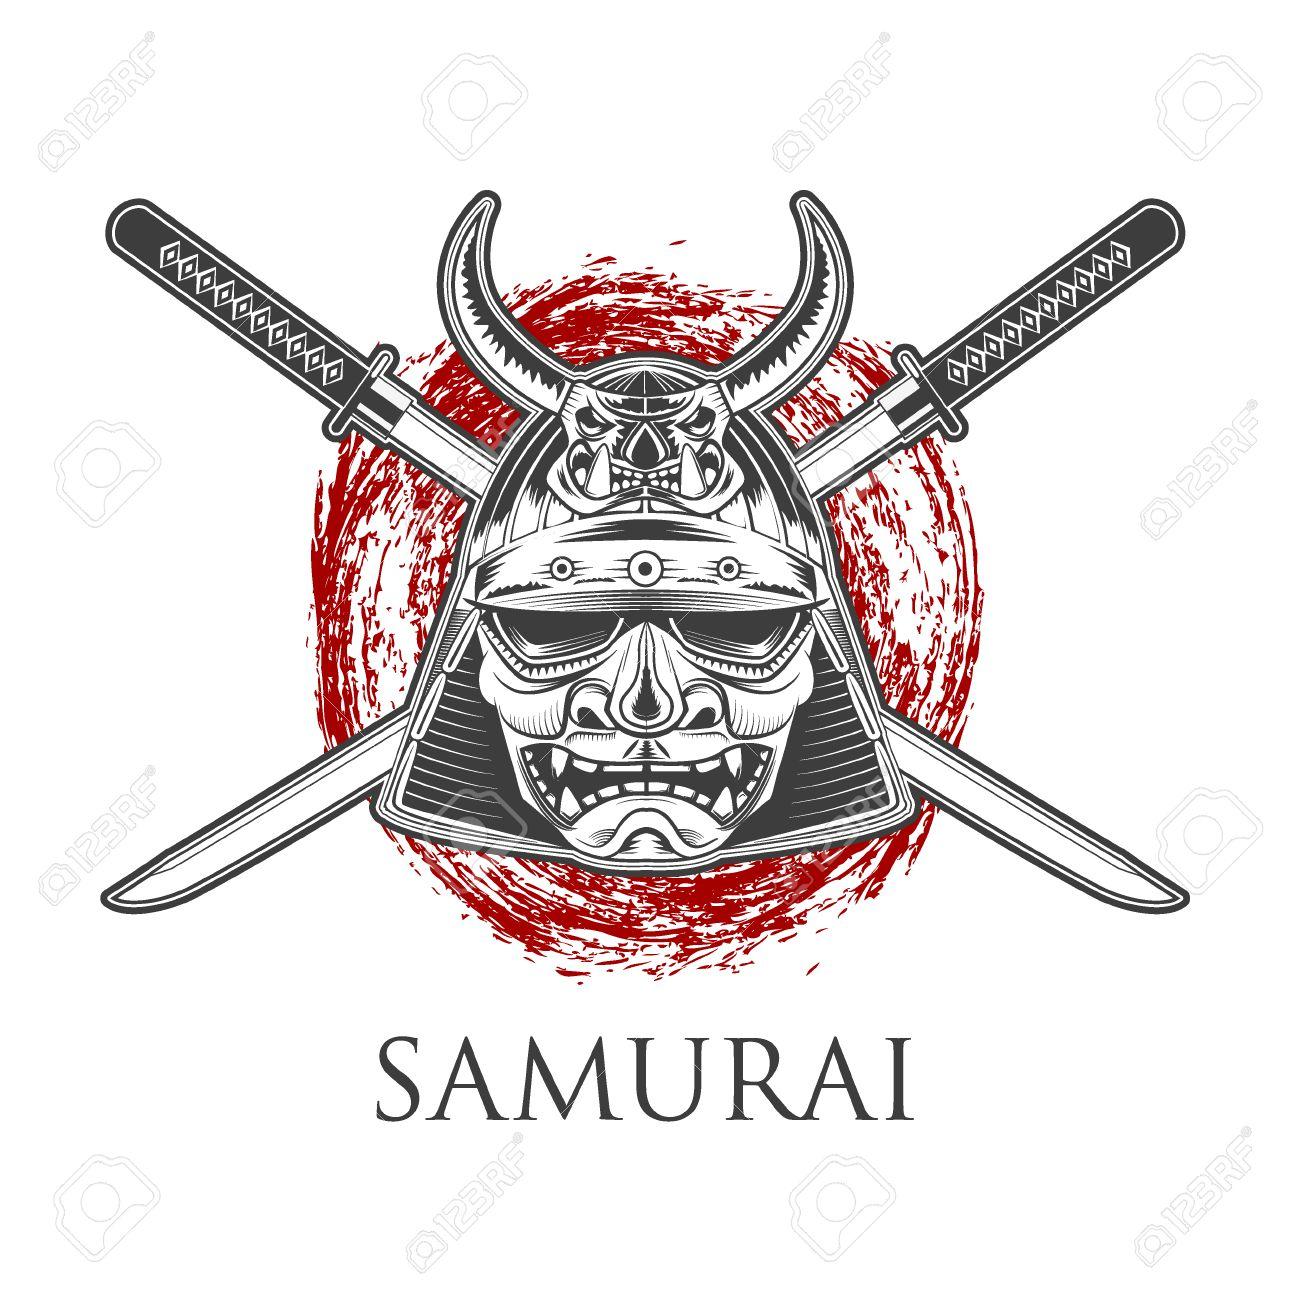 Samurai Warrior Mask With Katana Sword Labelbadge Template